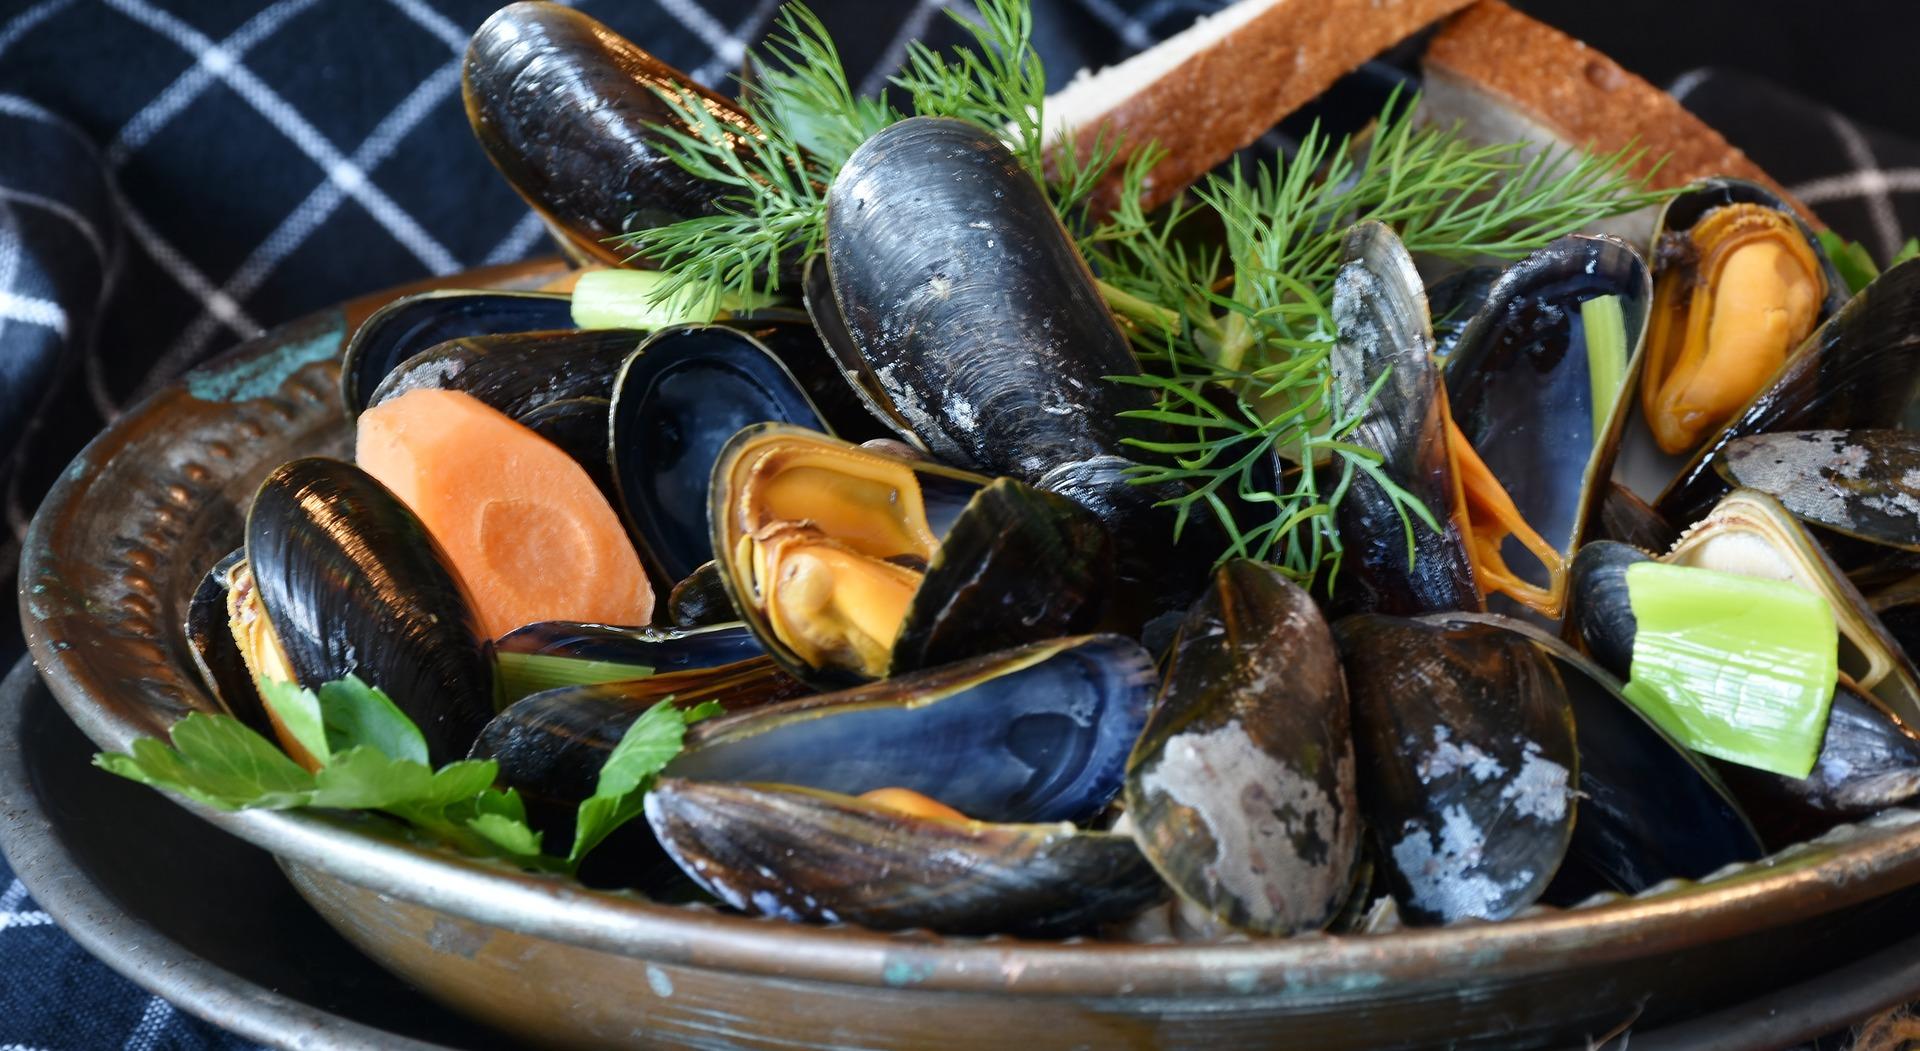 hotel-europa-restaurant-soiree-fruits-de-mer-quiberon-diaporama-moules